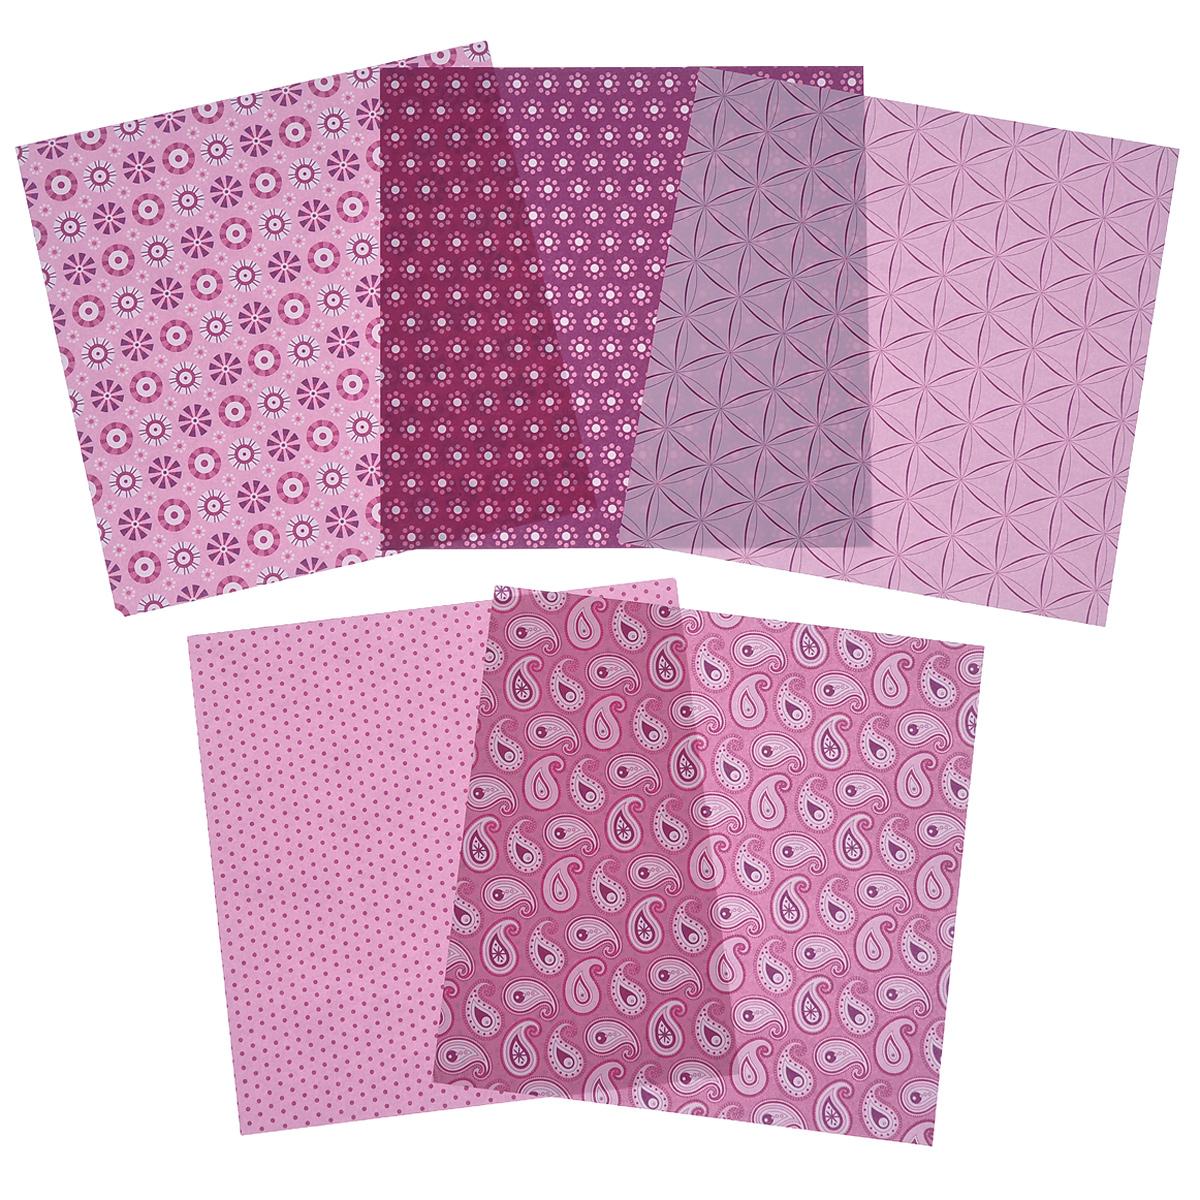 Бумага для оригами Folia, цвет: розовый, 15 х 15 см, 50 листовC0042416Набор специальной цветной двусторонней бумаги для оригами Folia содержит 50 листов разных цветов, которые помогут вам и вашему ребенку сделать яркие и разнообразные фигурки. В набор входит бумага пяти разных дизайнов. С одной стороны - бумага однотонная, с другой - оформлена оригинальными узорами и орнаментами. Эти листы можно использовать для оригами, украшения для садового подсвечника или для создания новогодних звезд. При многоразовом сгибании листа на бумаге не появляются трещины, так как она обладает очень высоким качеством. Бумага хорошо комбинируется с цветным картоном.За свою многовековую историю оригами прошло путь от храмовых обрядов до искусства, дарящего радость и красоту миллионам людей во всем мире. Складывание и художественное оформление фигурок оригами интересно заполнят свободное время, доставят огромное удовольствие, радость и взрослым и детям. Увлекательные занятия оригами развивают мелкую моторику рук, воображение, мышление, воспитывают волевые качества и совершенствуют художественный вкус ребенка.Плотность бумаги: 80 г/м2.Размер листа: 15 см х 15 см.